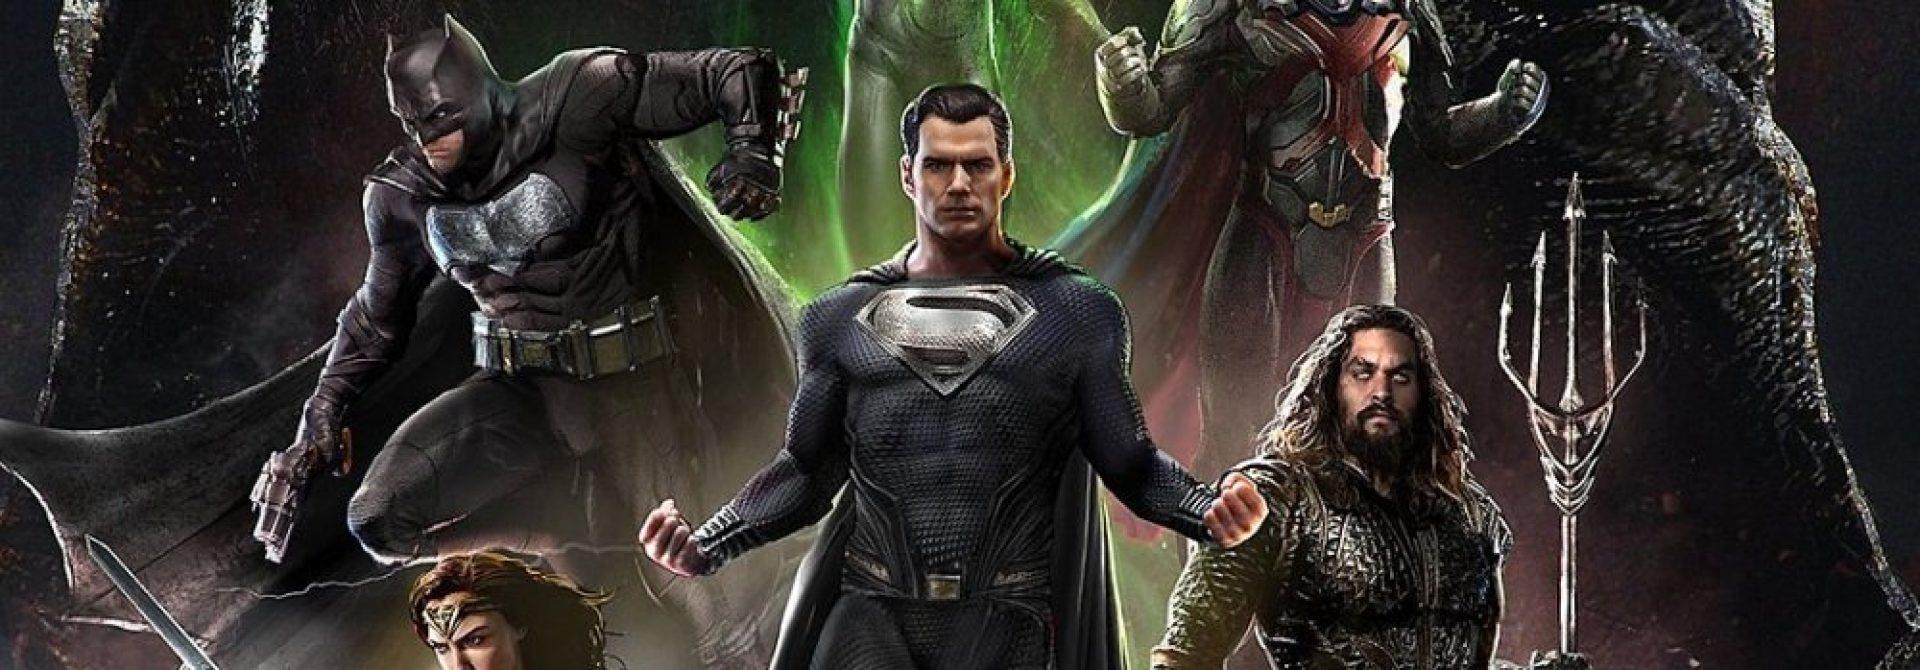 Zack Snyder's JUSTICE LEAGUE (vs. The Josstice League a little…)